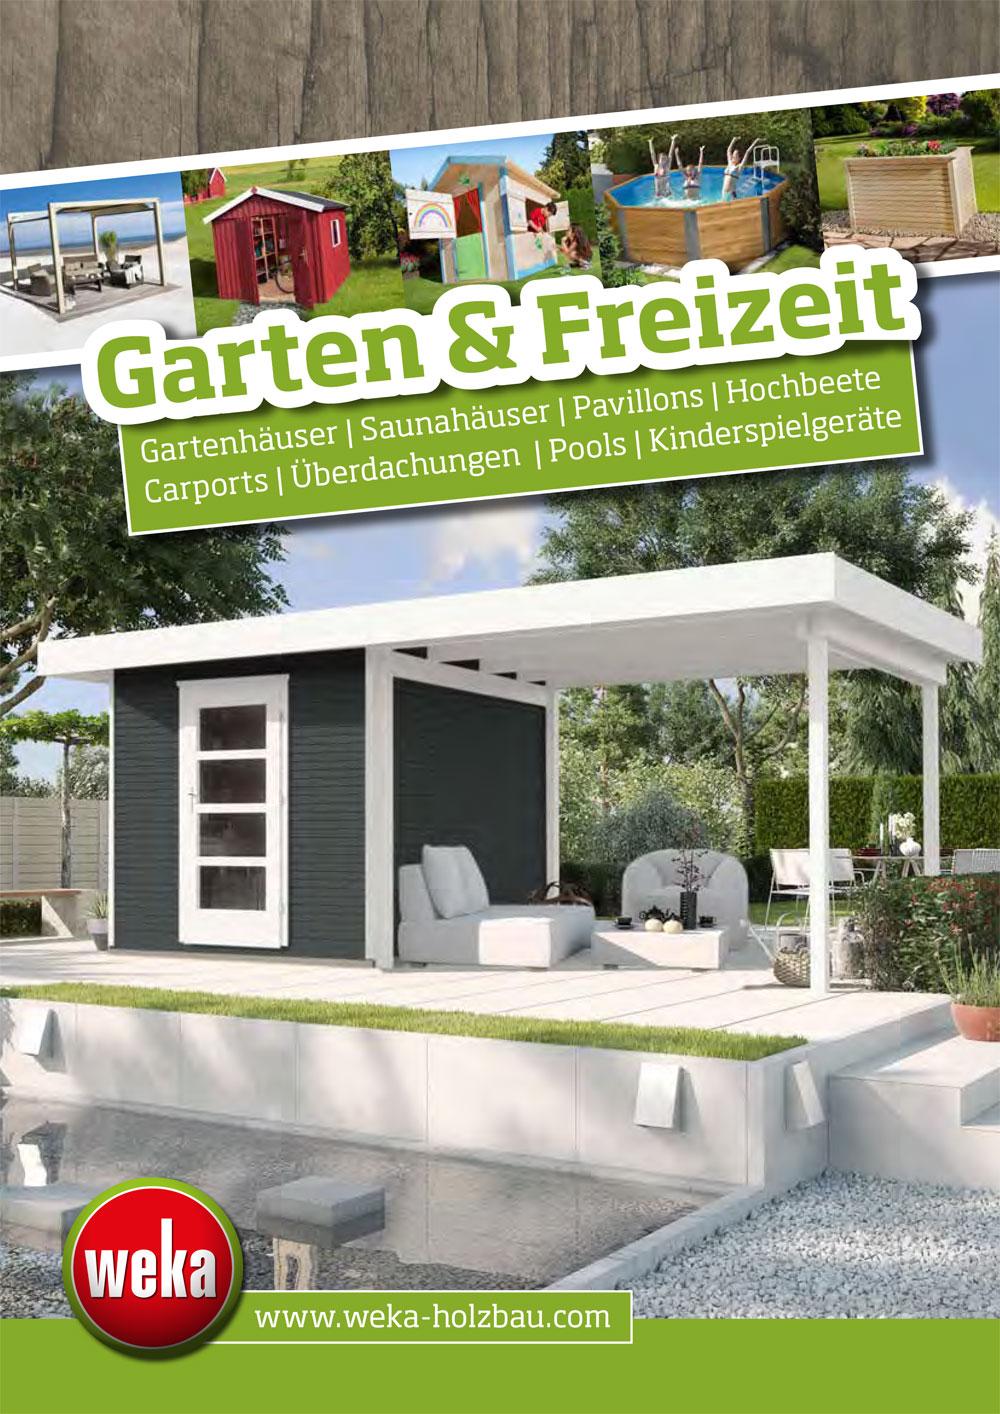 Katalog Weka Garten & Freizeit 2020 Bild 1